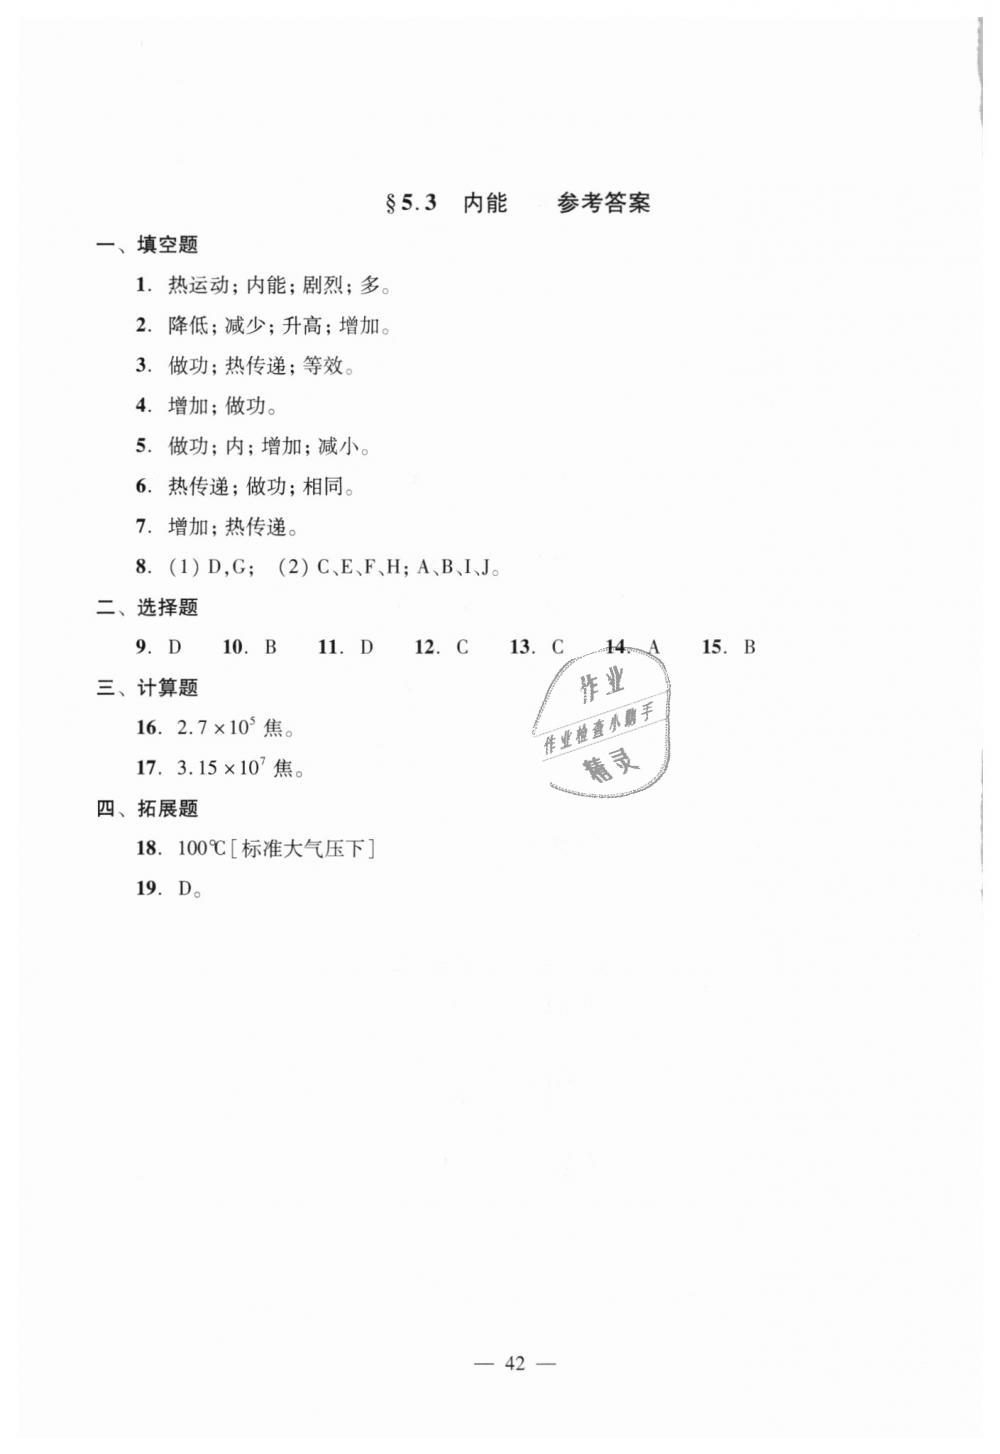 2018年初中物理双基过关堂堂练八年级全一册沪教版第42页